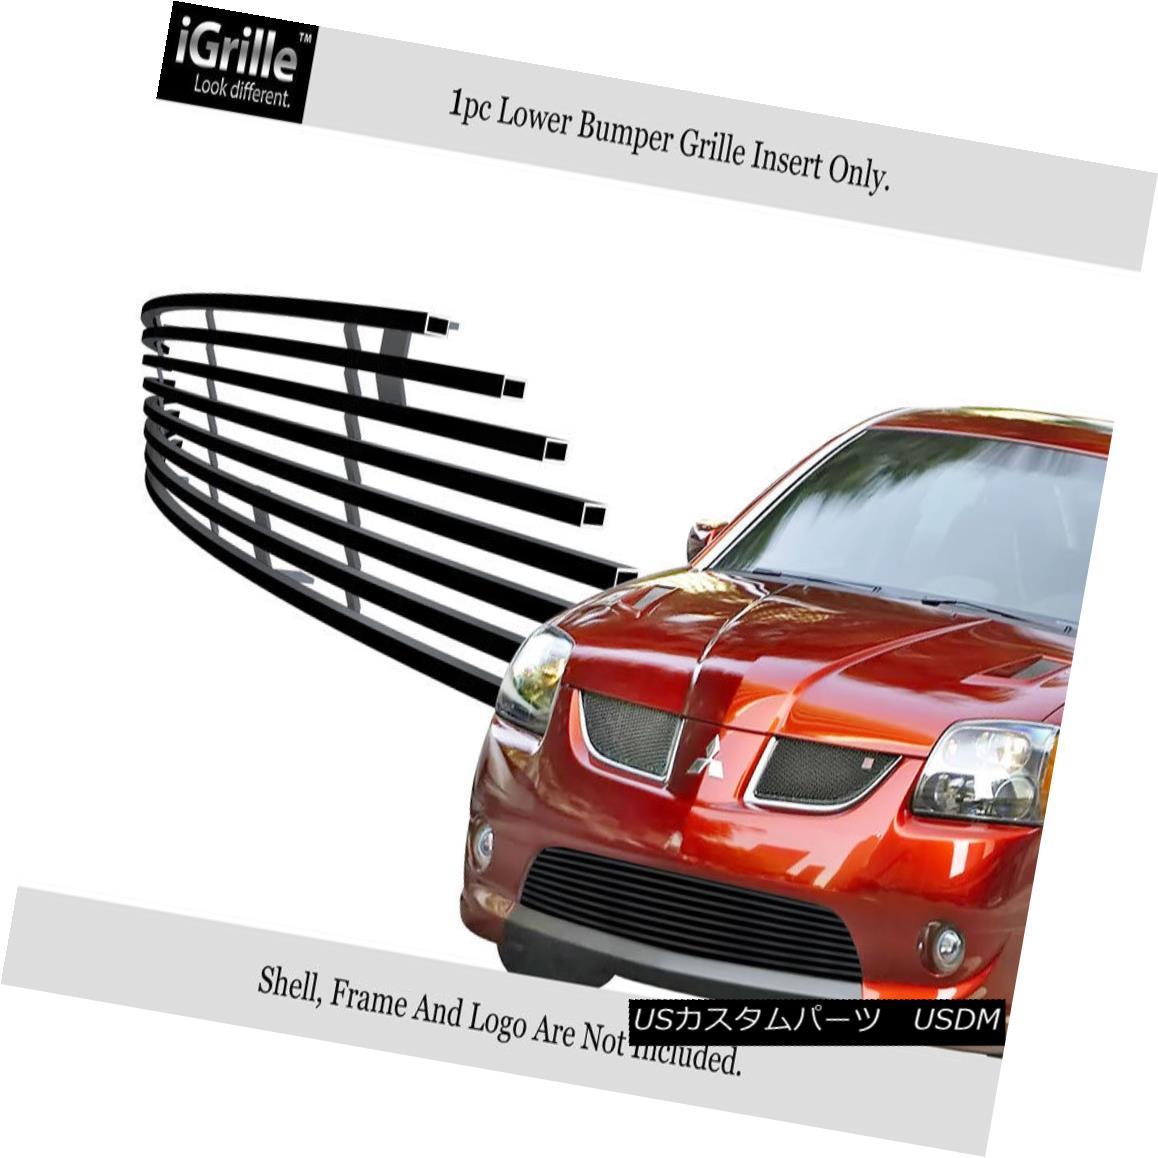 グリル For 2004-2006 Mitsubishi Galant Ralliart Stainless Black Bumper Billet Grille 2004-2006三菱ギャランラリートステンレスブラックバンパービレットグリル